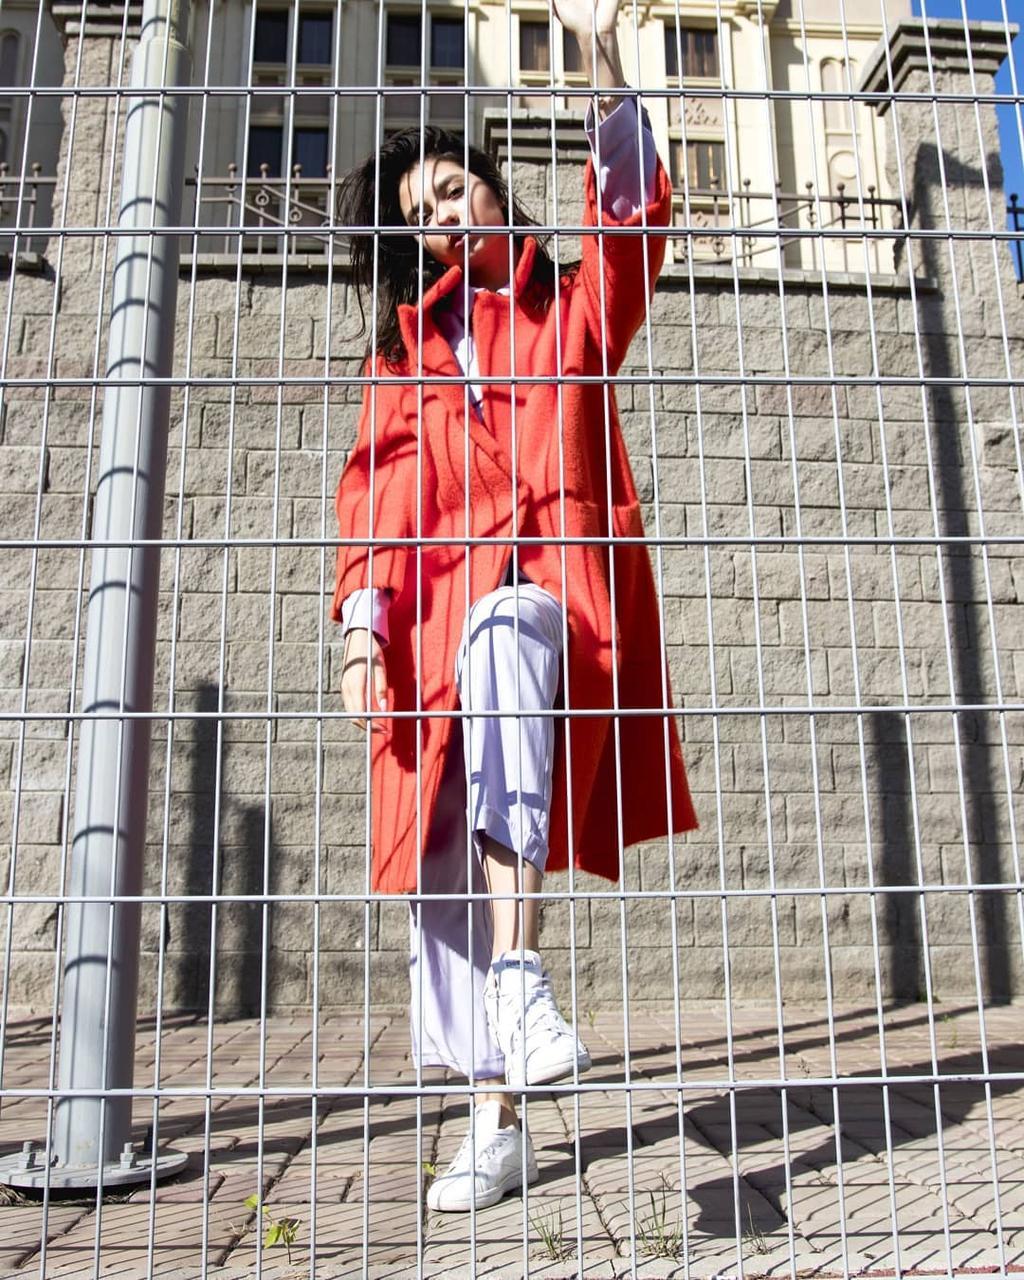 Красный кардиган (Hanym, 2021)